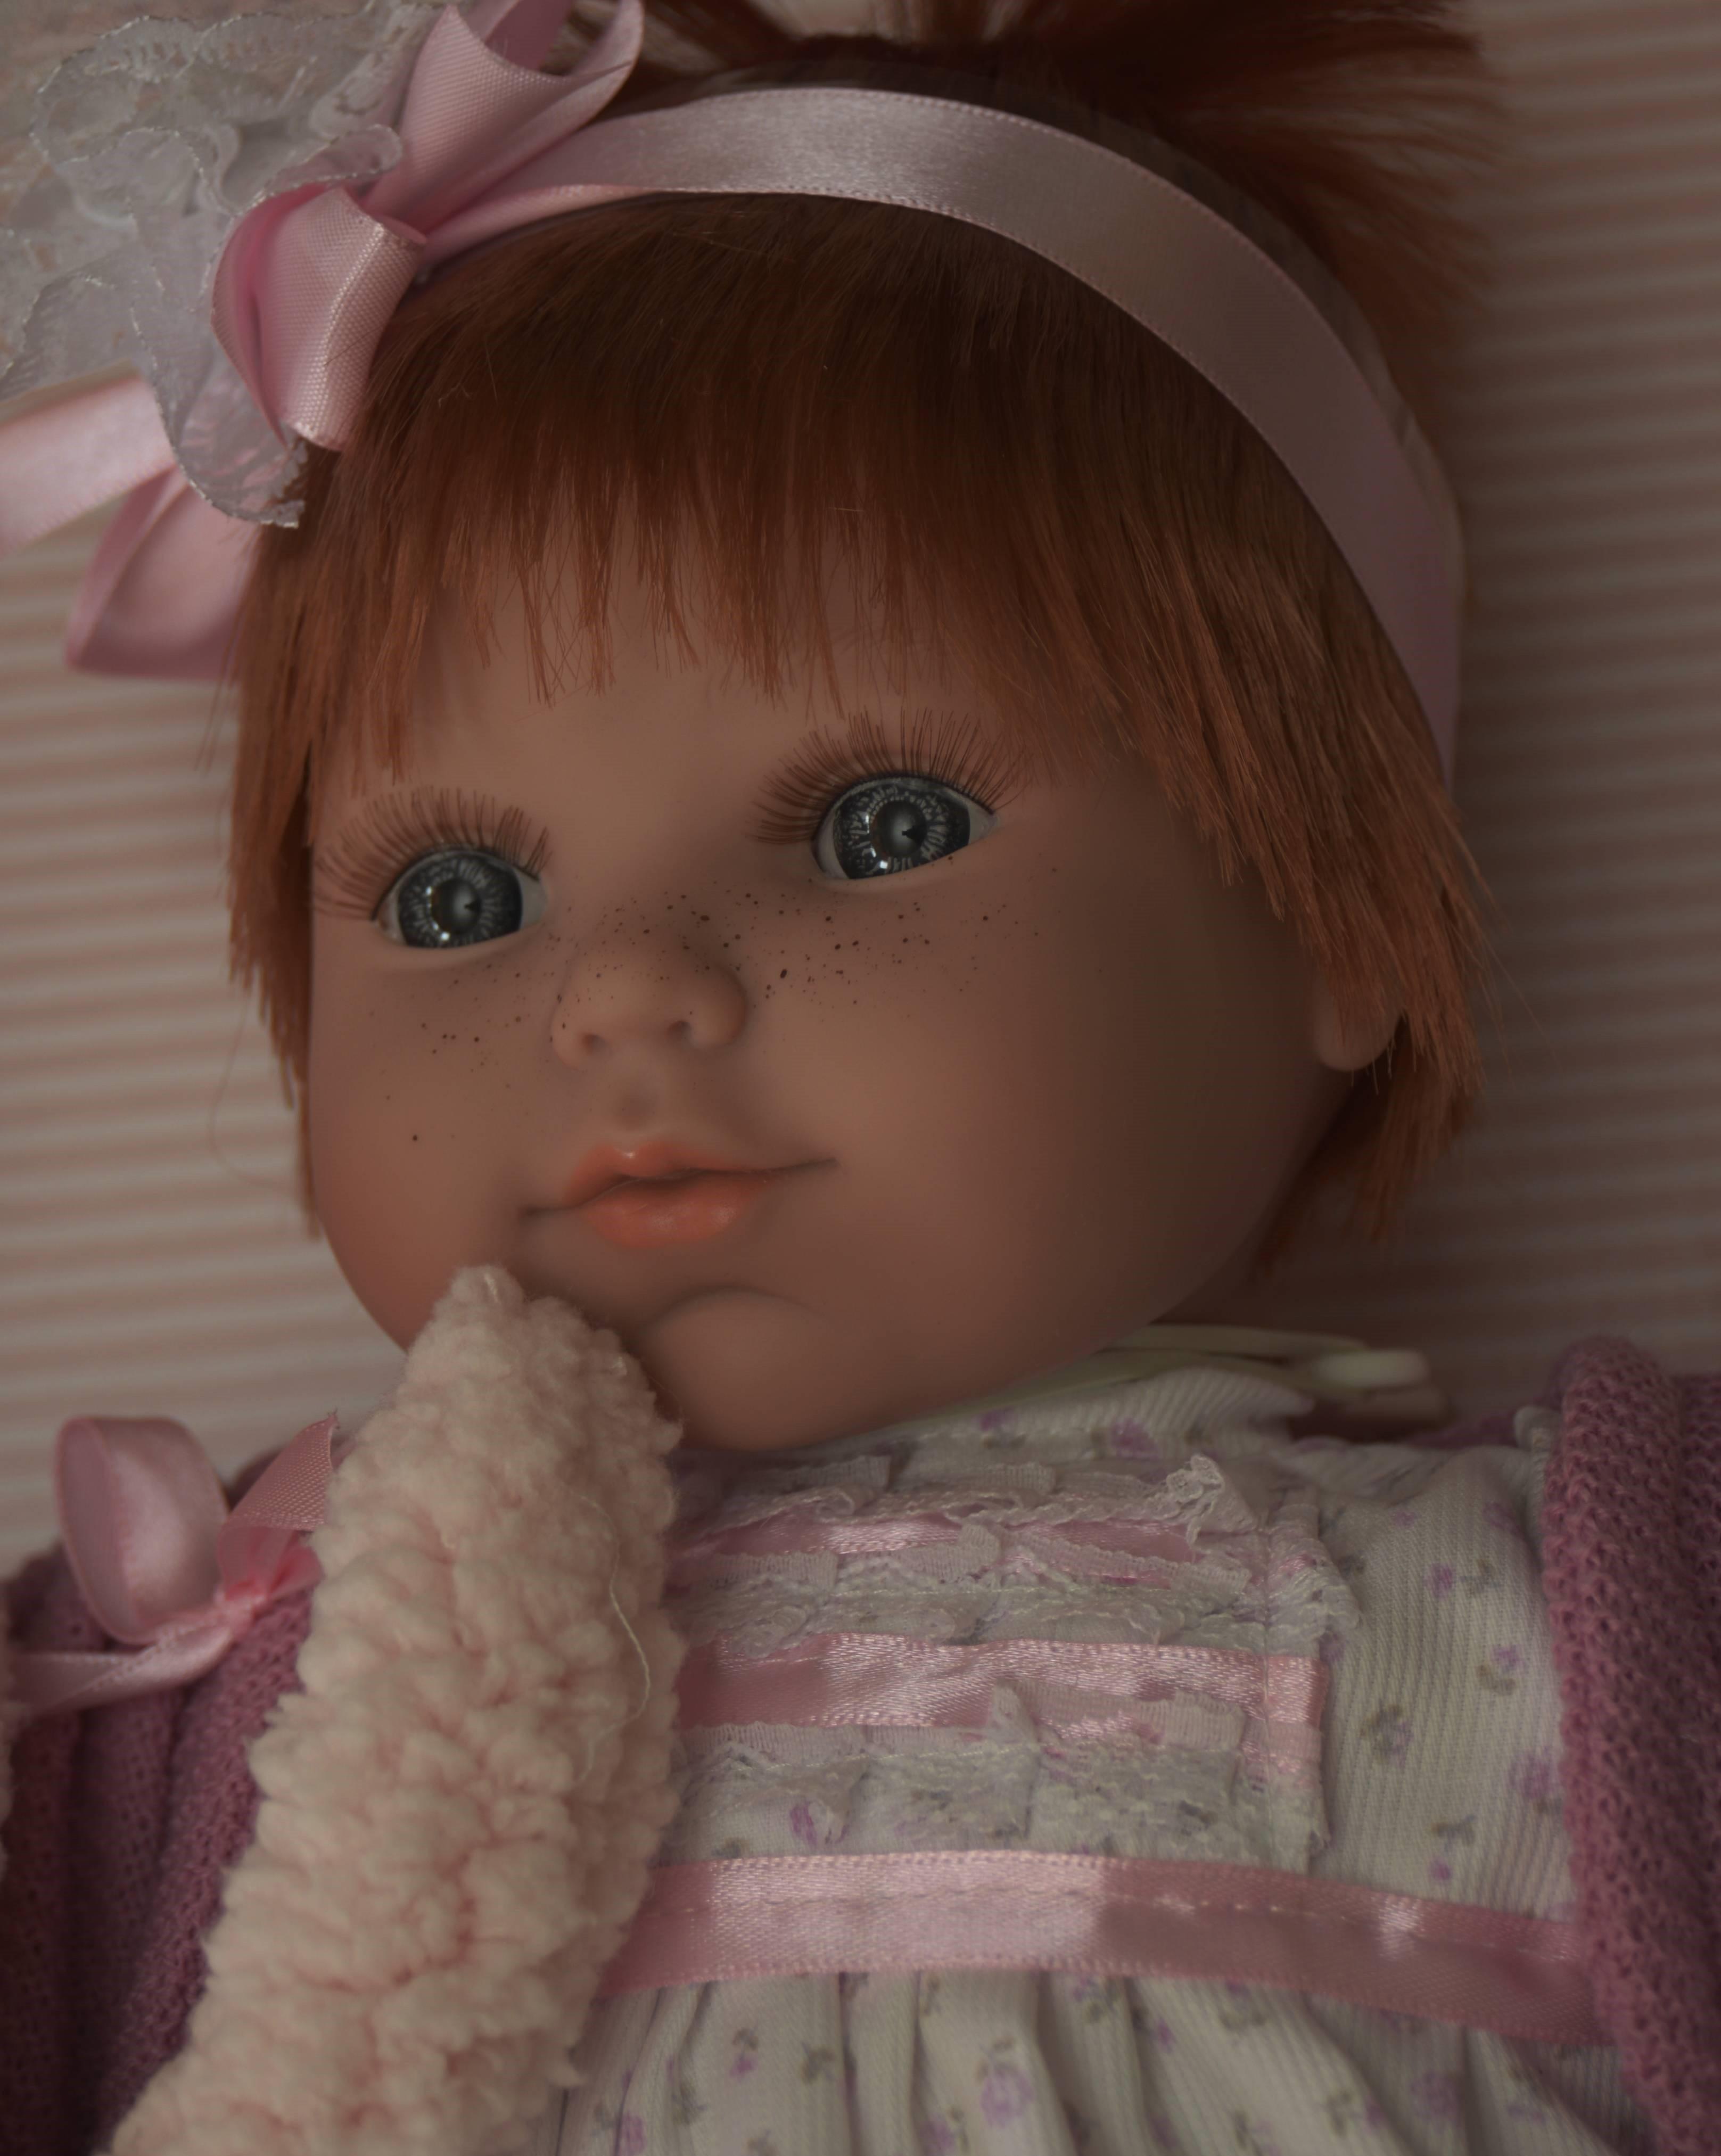 Realistická panenka holčička Dominika od firmy Berjuan ze Španělska